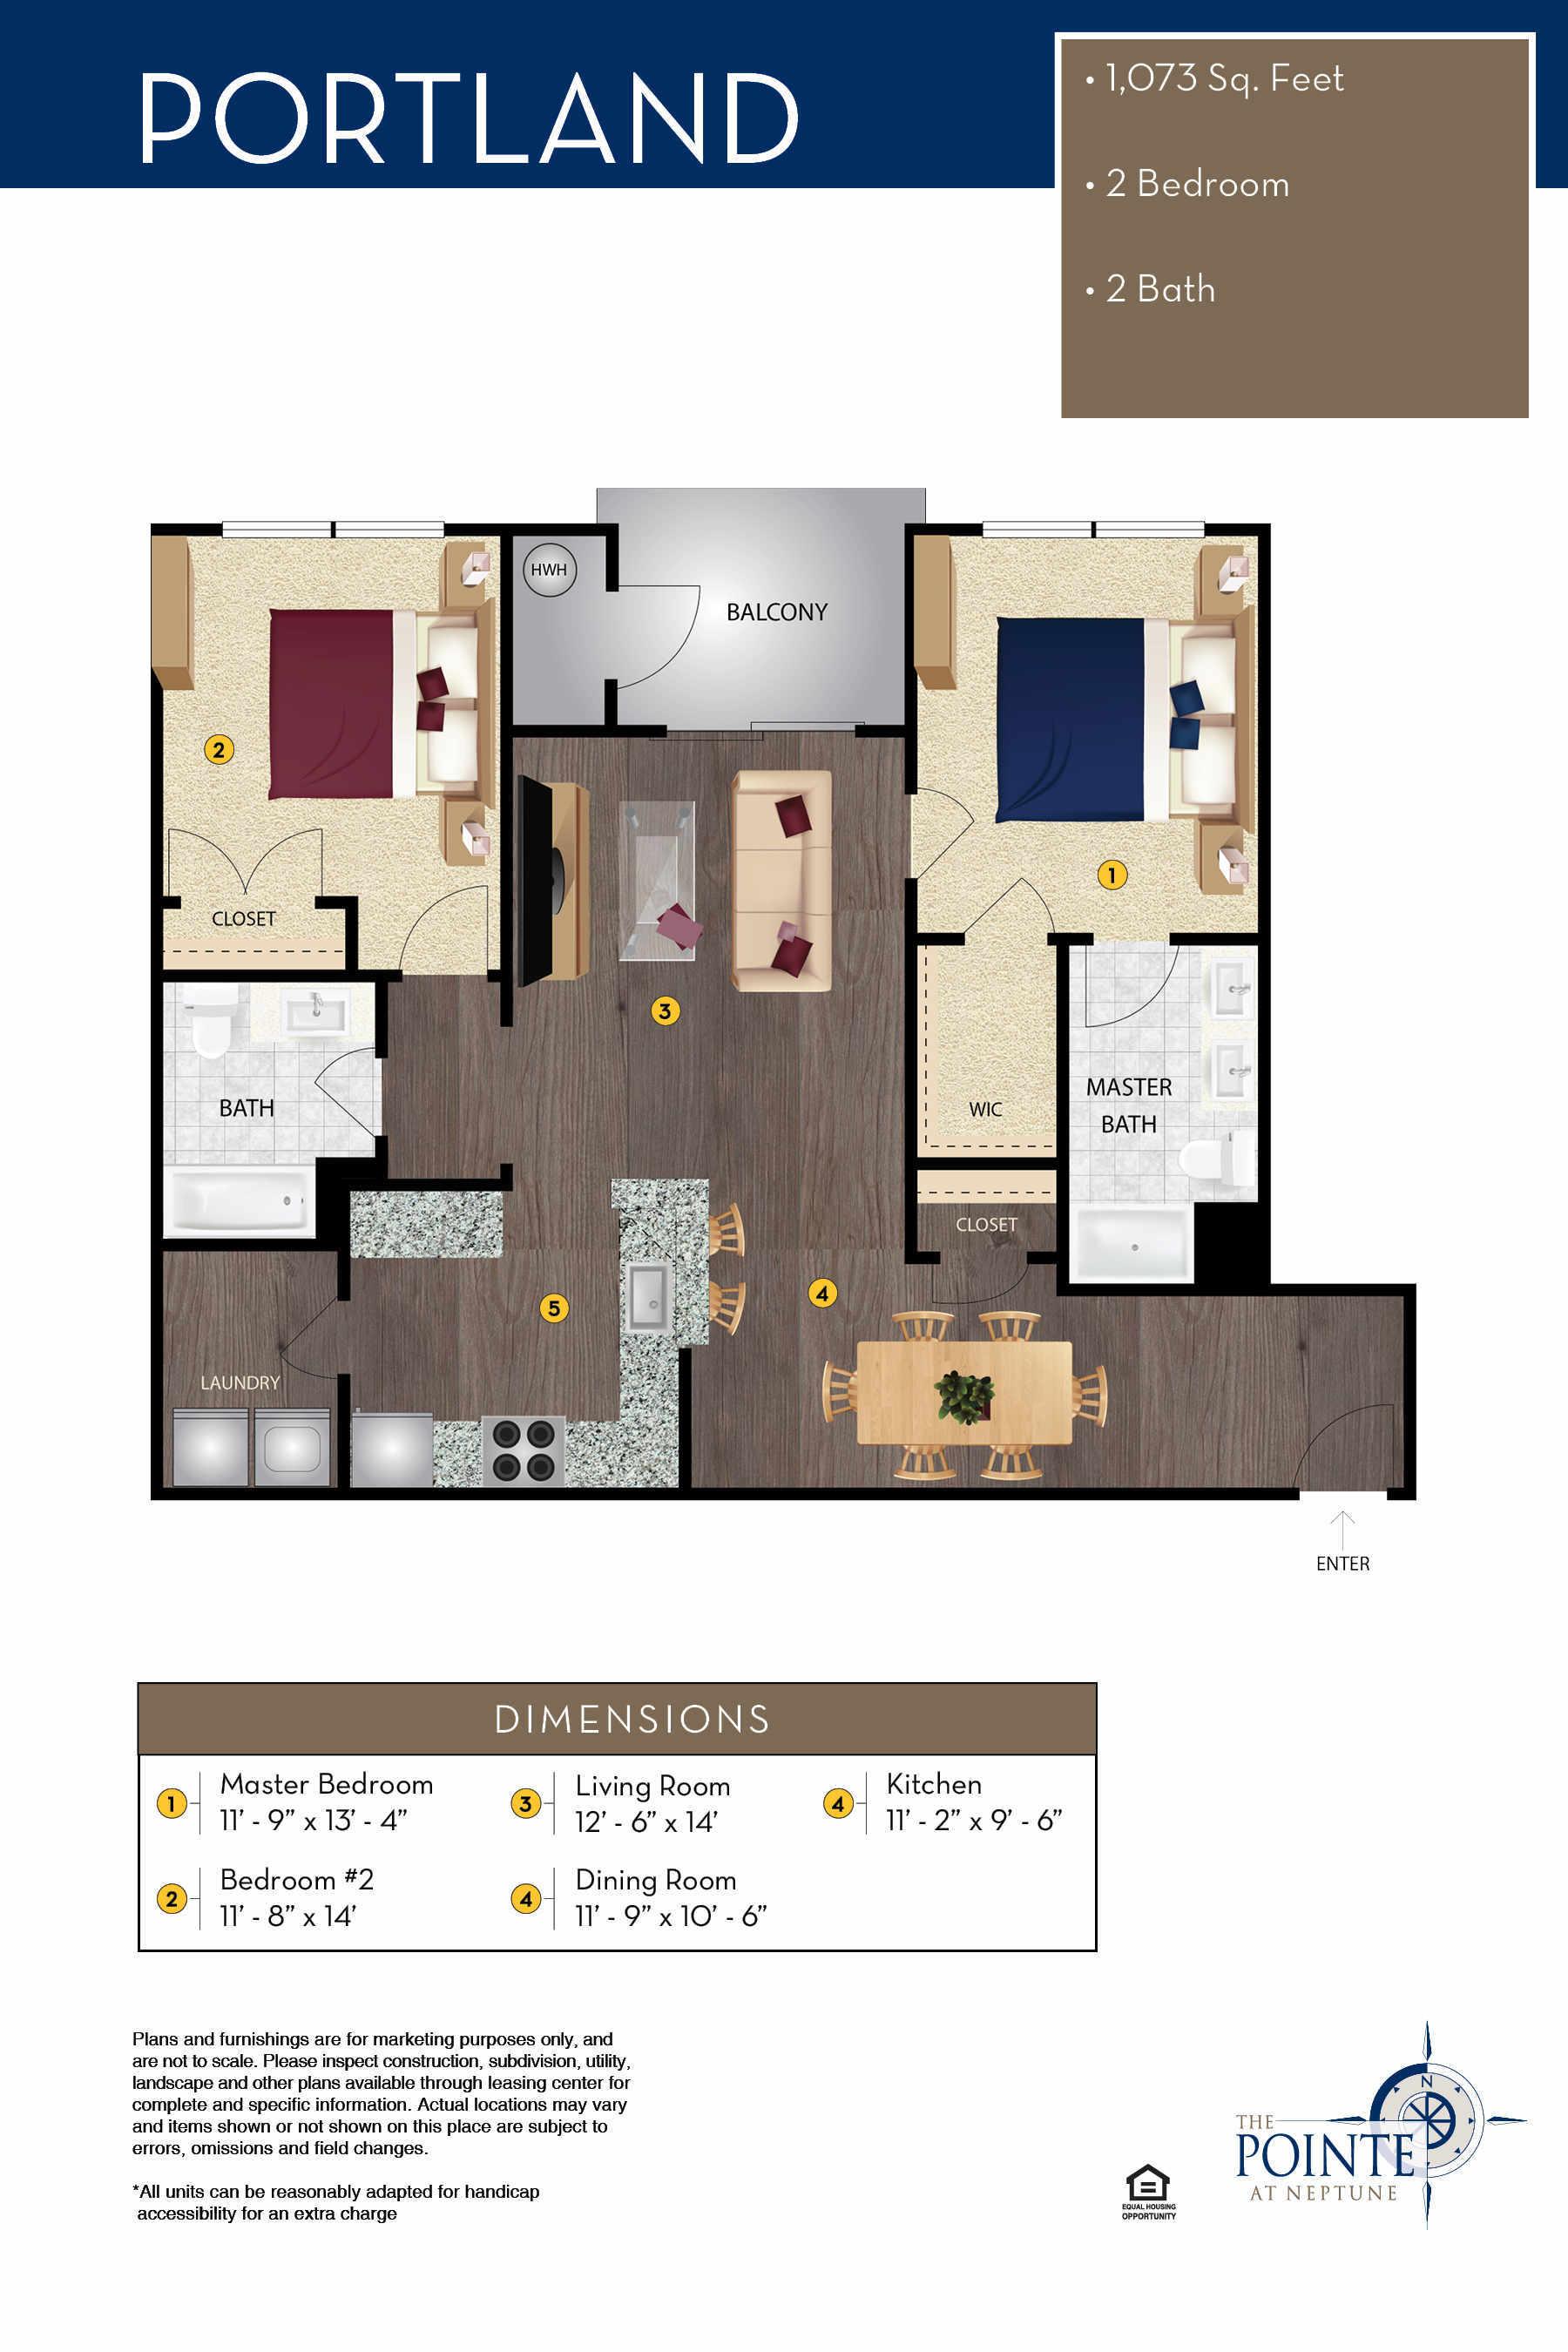 The Portland Floor Plan